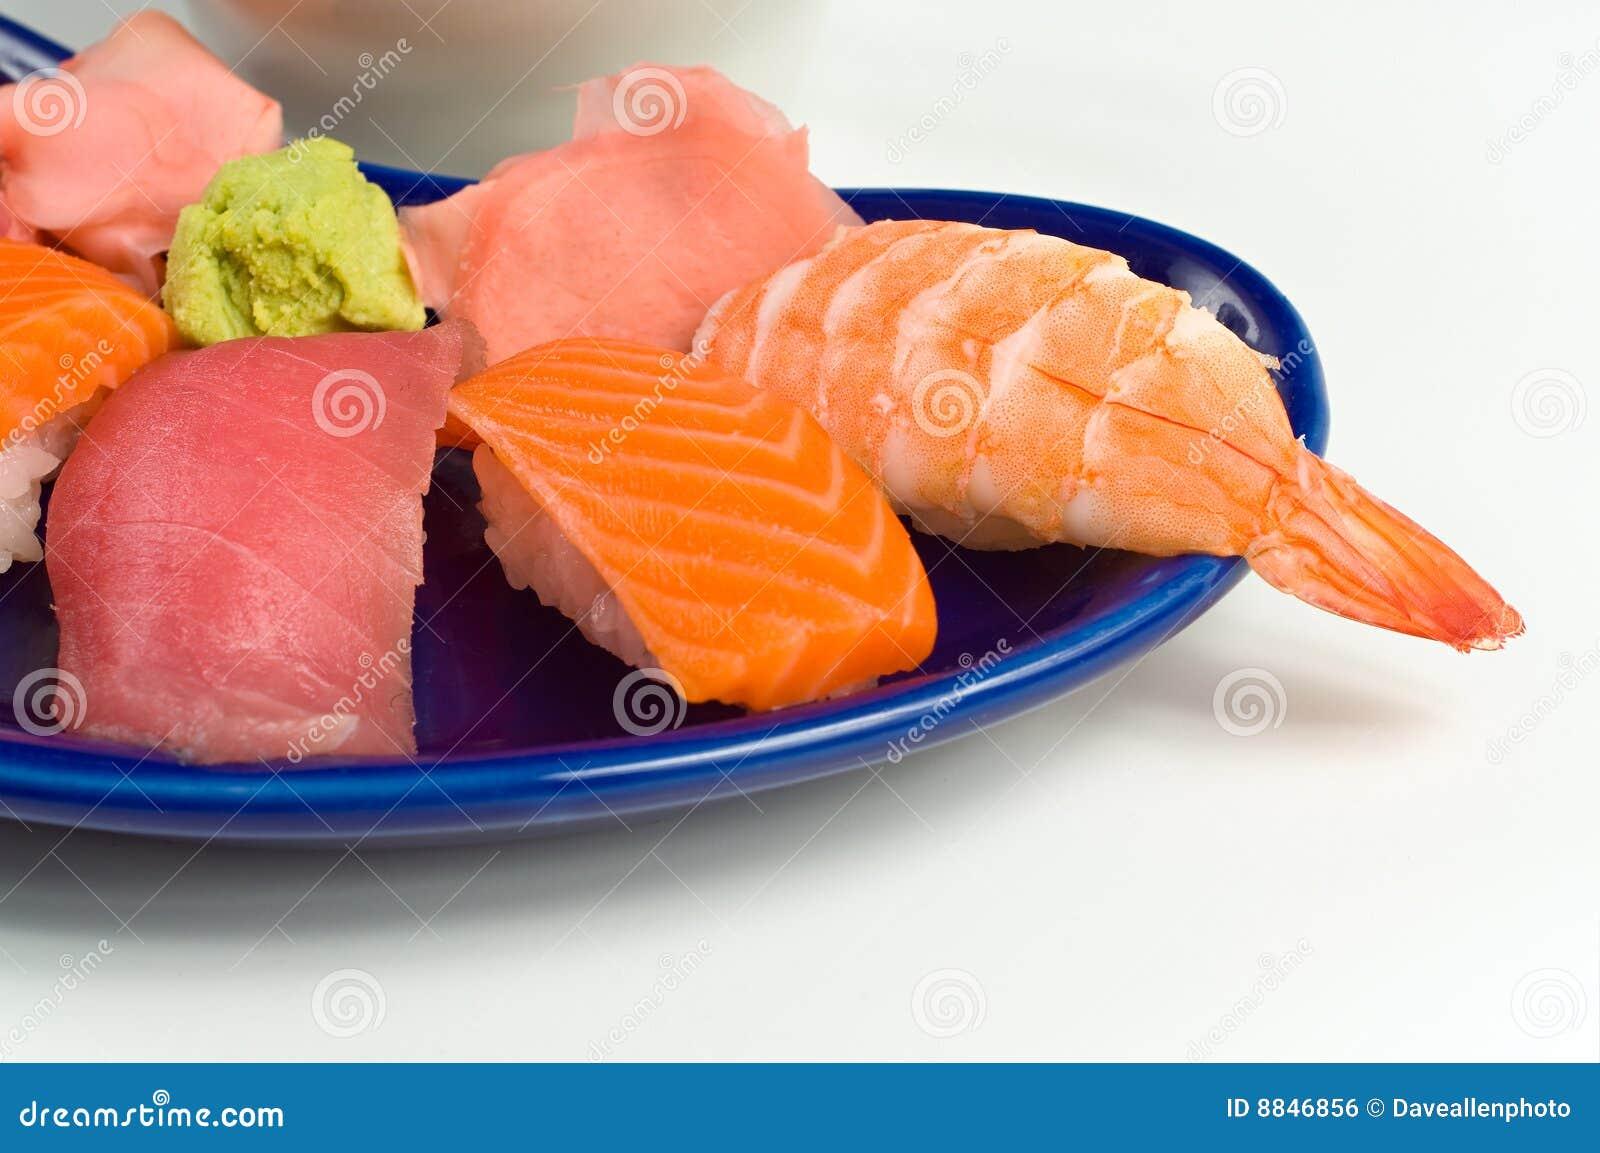 Asian raw fish sushi dinner w shrimp tuna salmon royalty for Is sushi raw fish